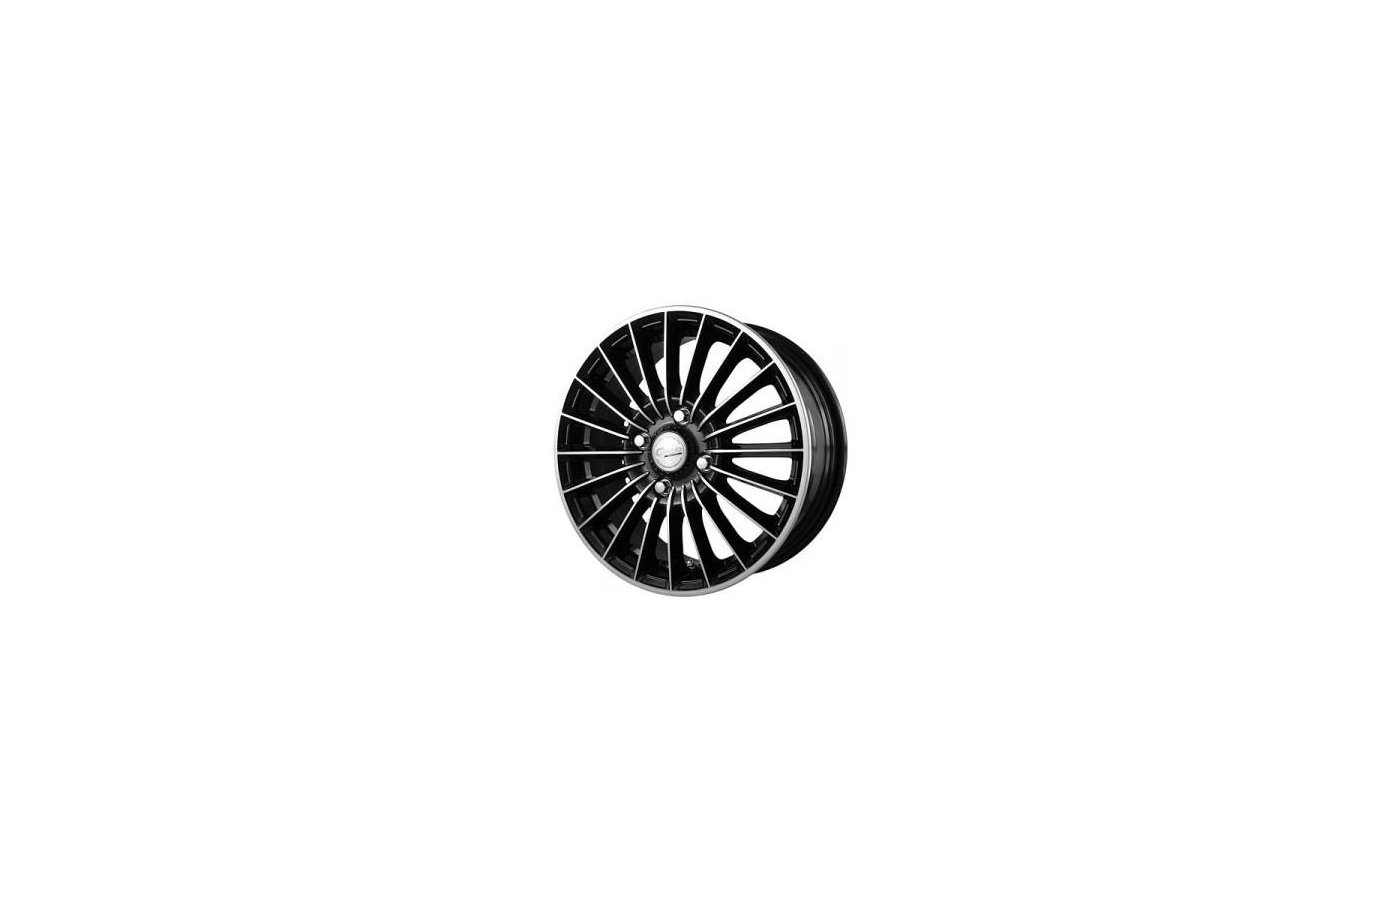 Диск Скад Веритас 5.5x14/4x100 D60.1 ET43 Алмаз